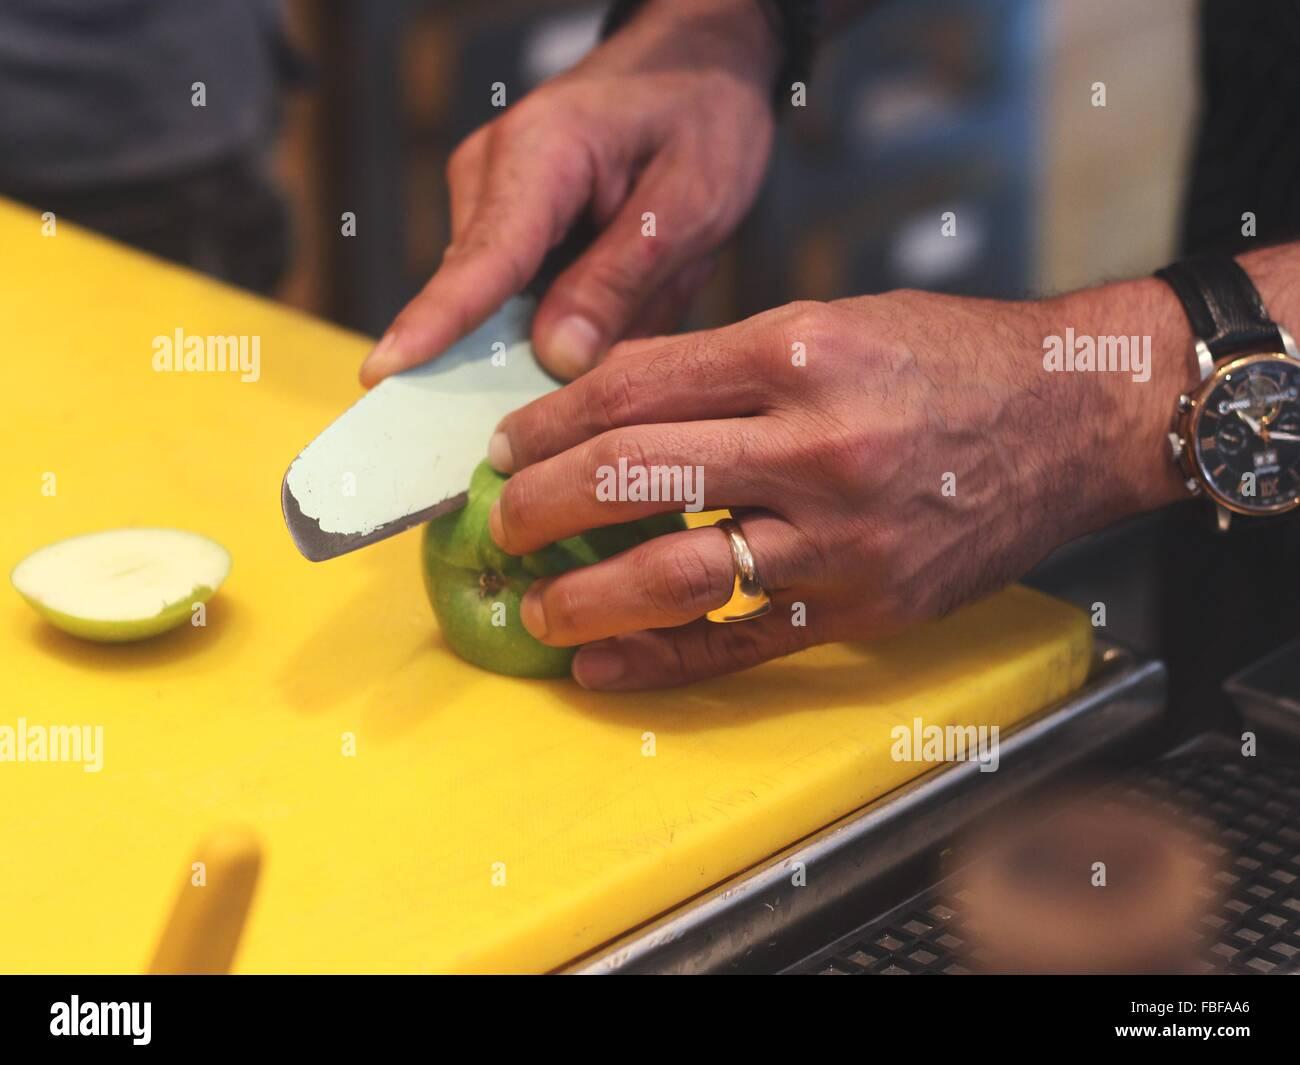 Bild von Küchenchef schneiden Apfel mit Messer abgeschnitten Stockbild